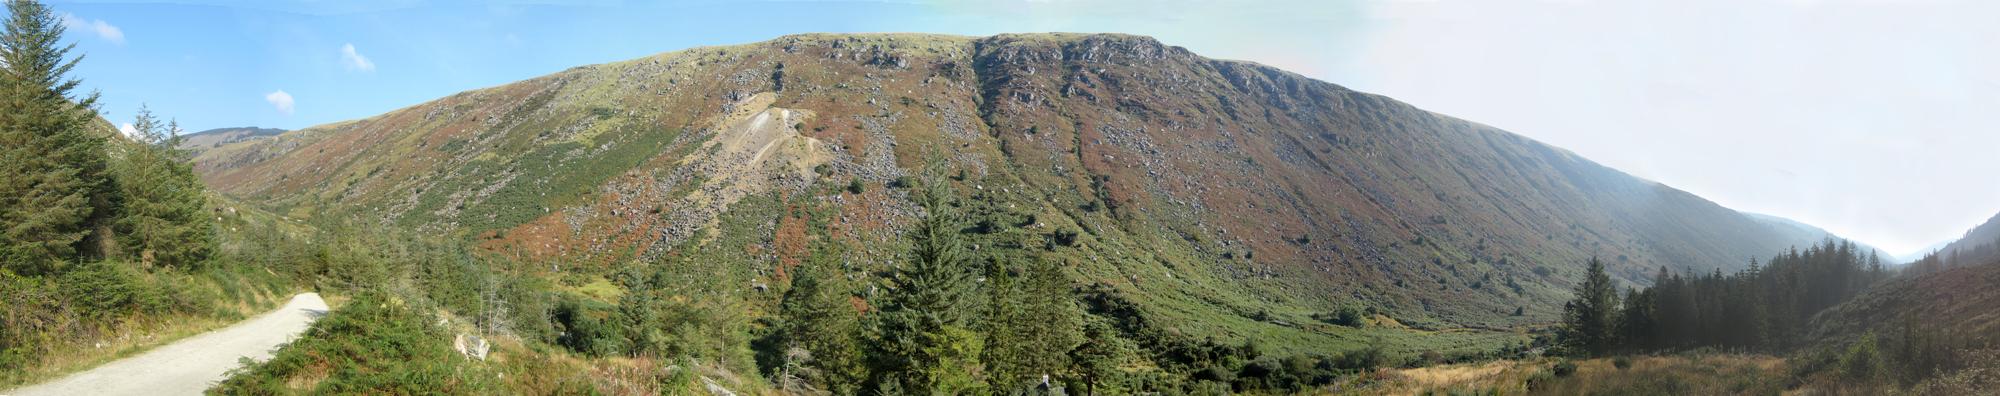 Poludniowy stok grzbietu Lugduff, u jego stop dolina Glenmalure